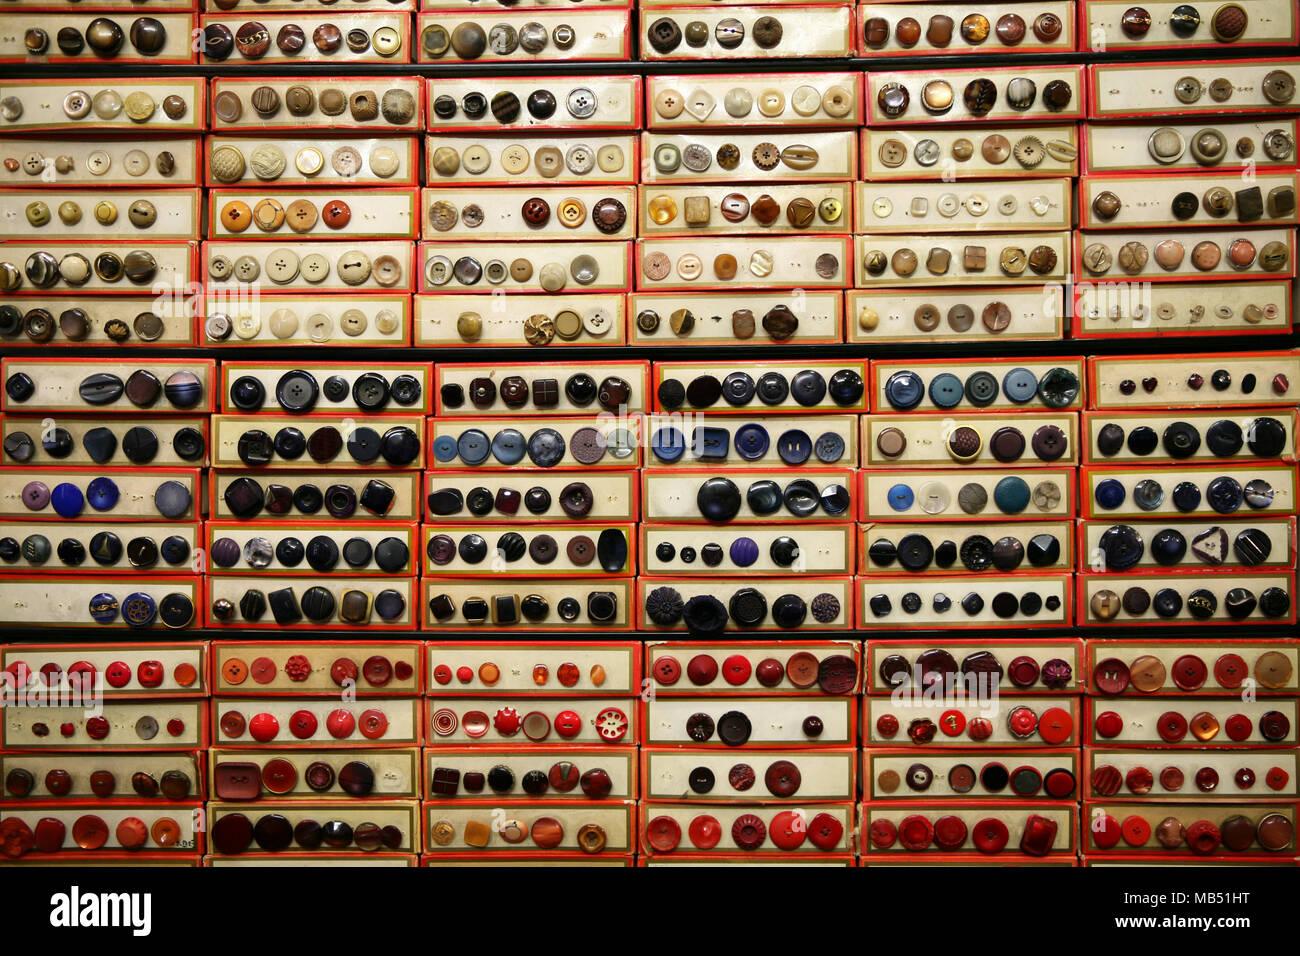 Tasten-Archiv Stockbild